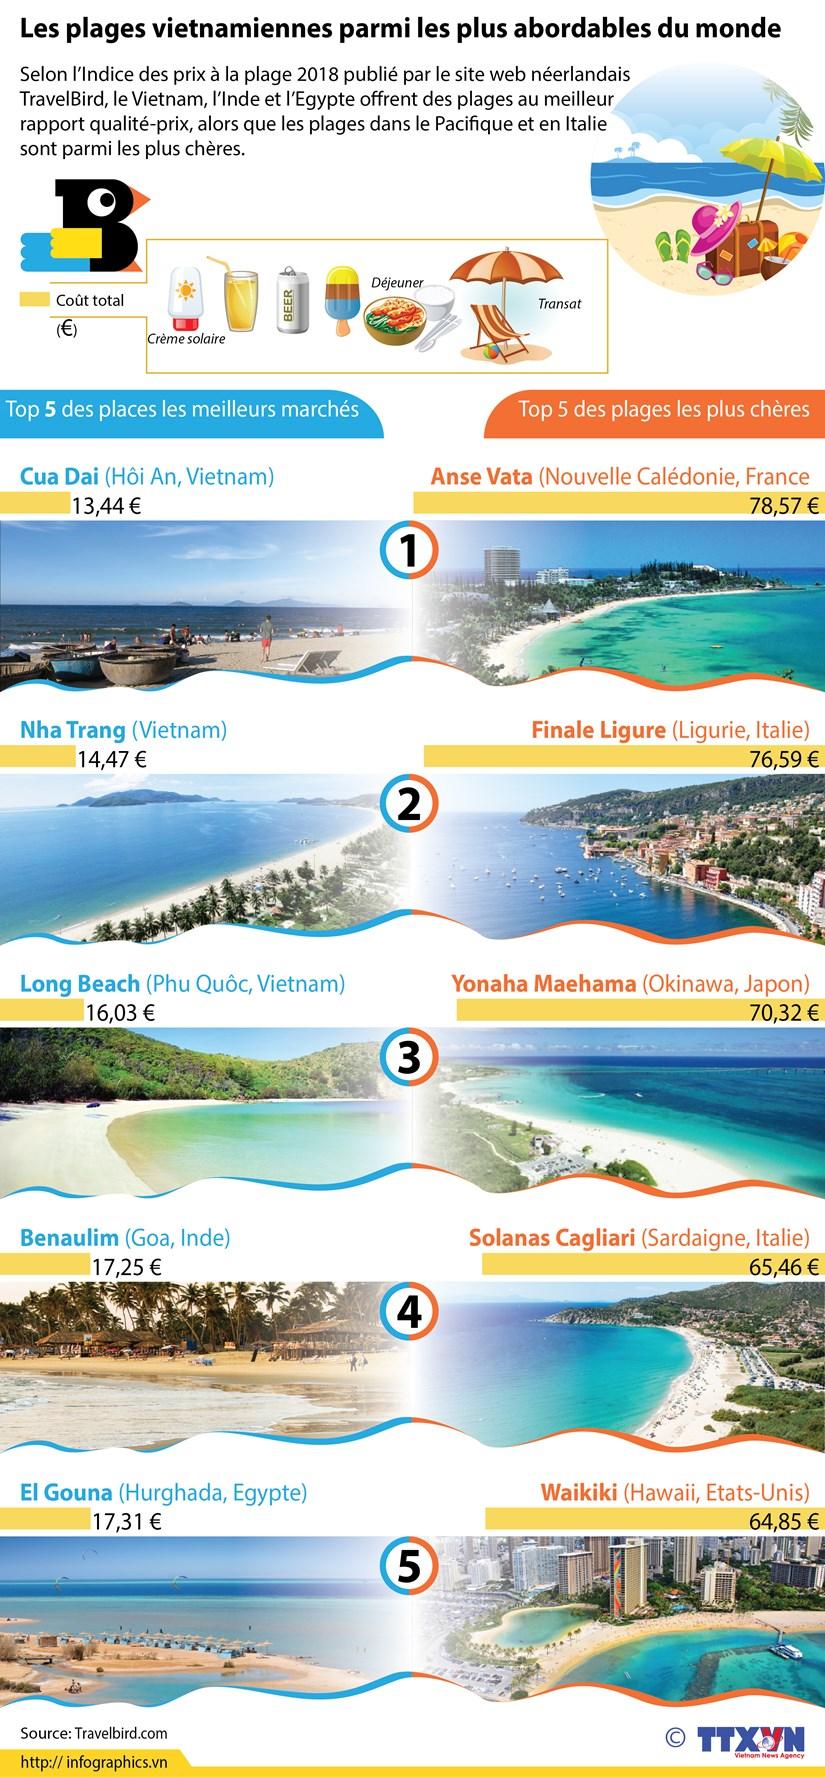 [Infographie] Les plages vietnamiennes parmi les plus abordables du monde hinh anh 1